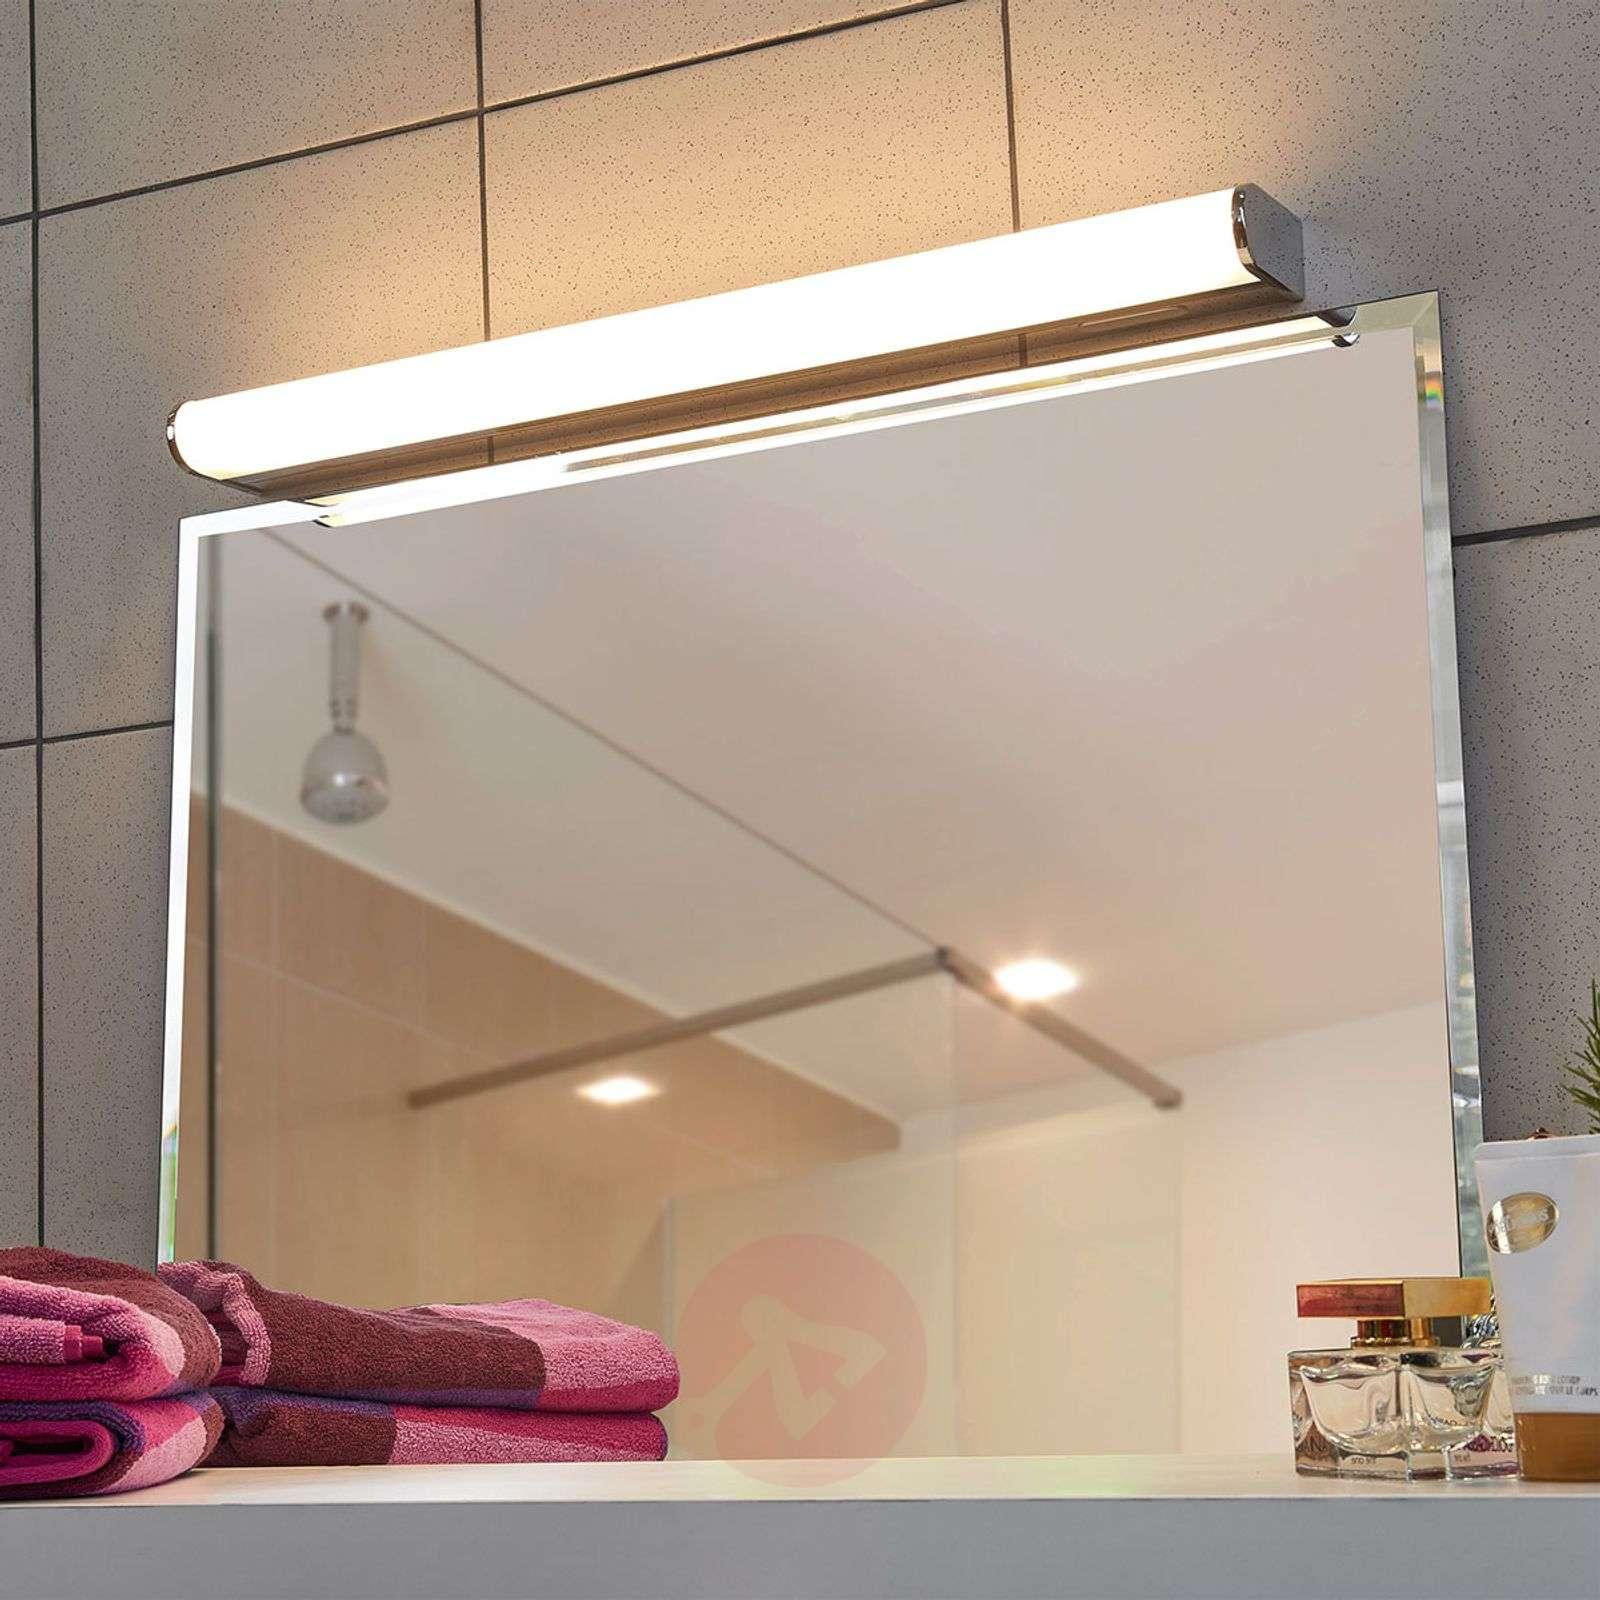 LED-seinävalaisin Jesko 3000-6500K, 59 cm